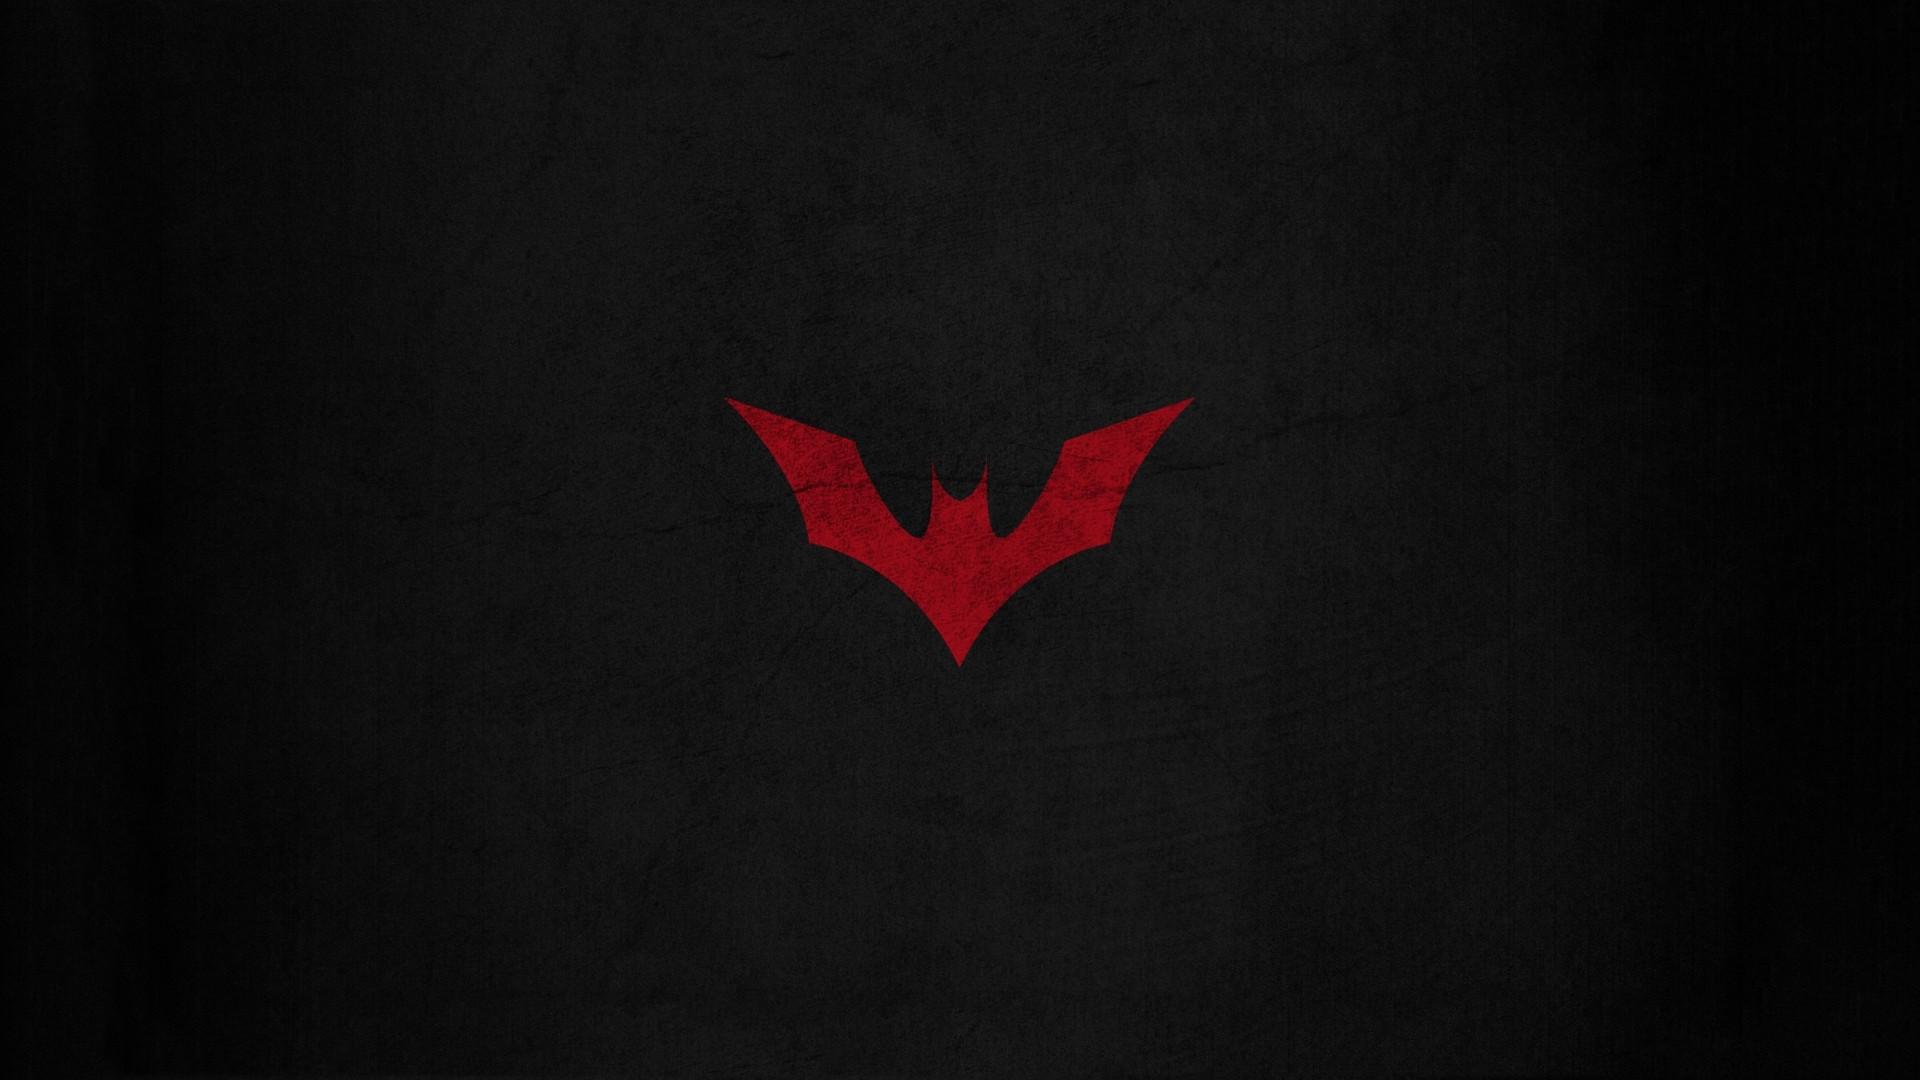 Обои для рабочего стола 1920 1080 hd бэтмен